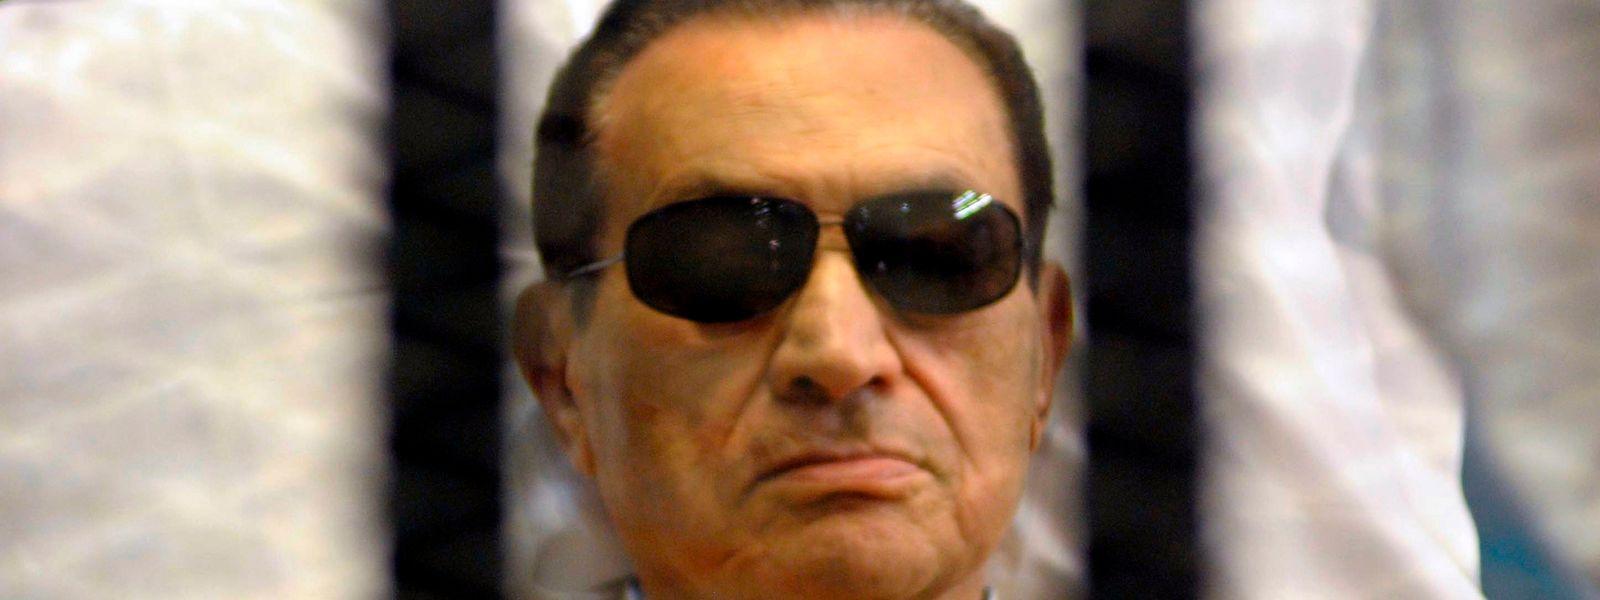 Auf eine Trage gestützt, folgt der frühere ägyptische Präsident Husni Mubarak im Juni 2012 seinem Prozess im Gerichtssaal in der Polizeiakademie von Kairo.